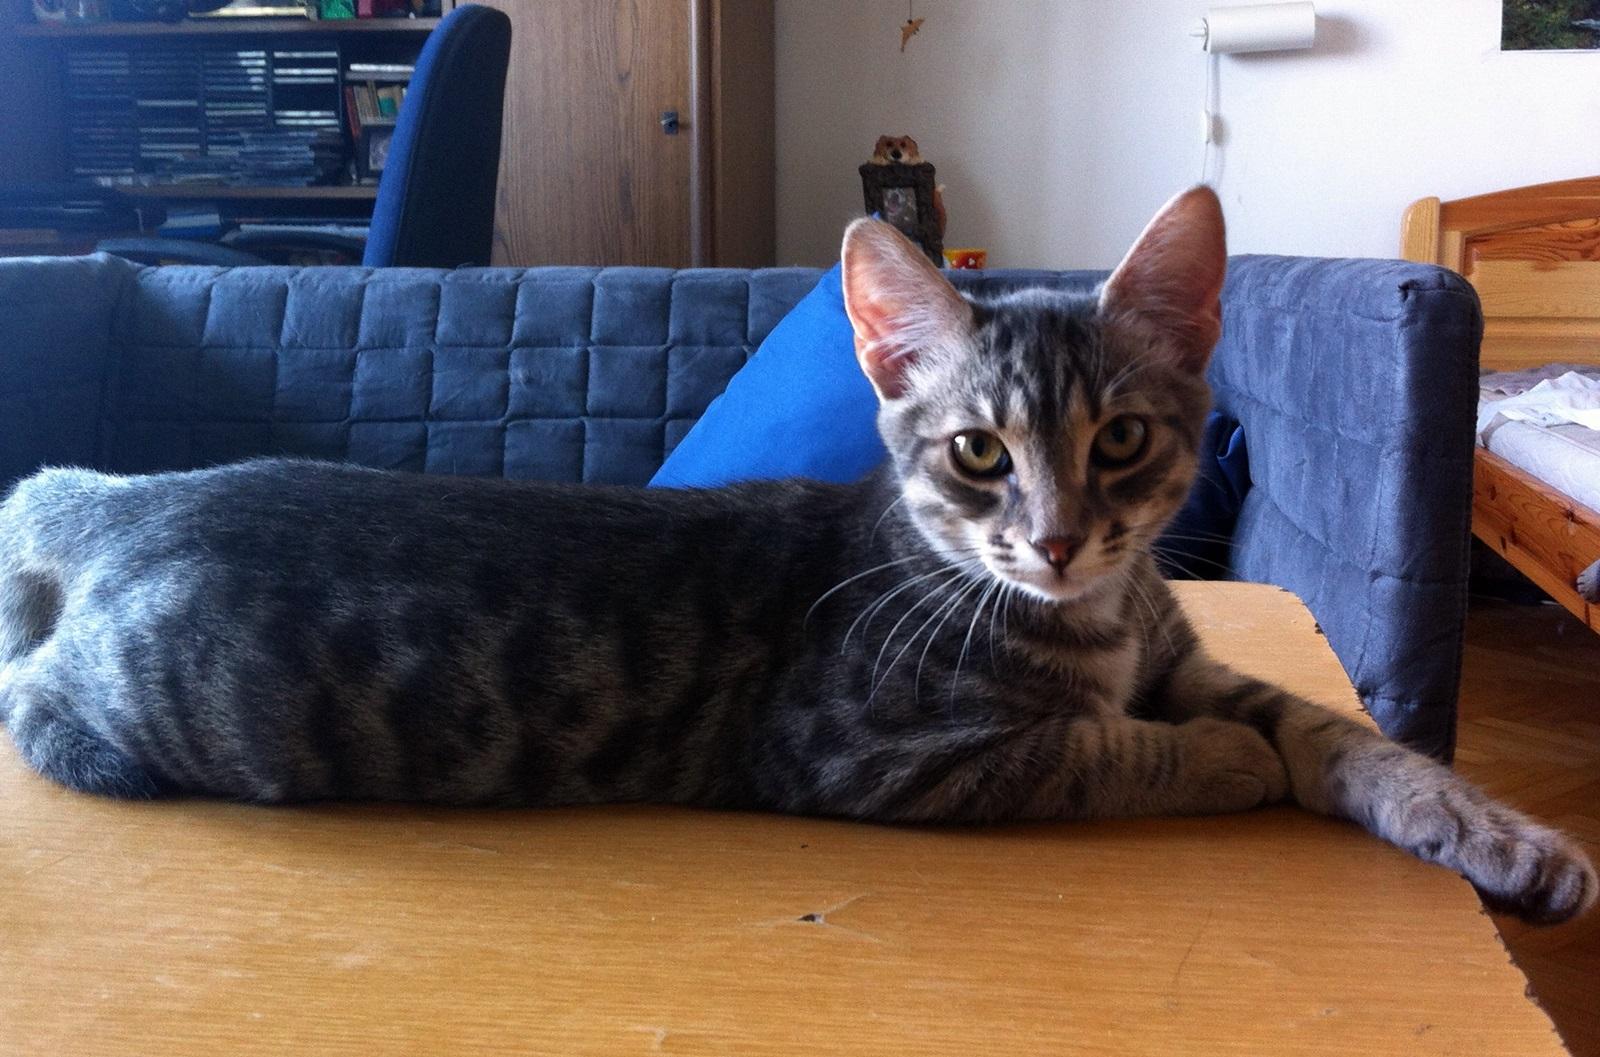 Ismered a cicád? Fáramászó vagy barlangász típus? Szeretem